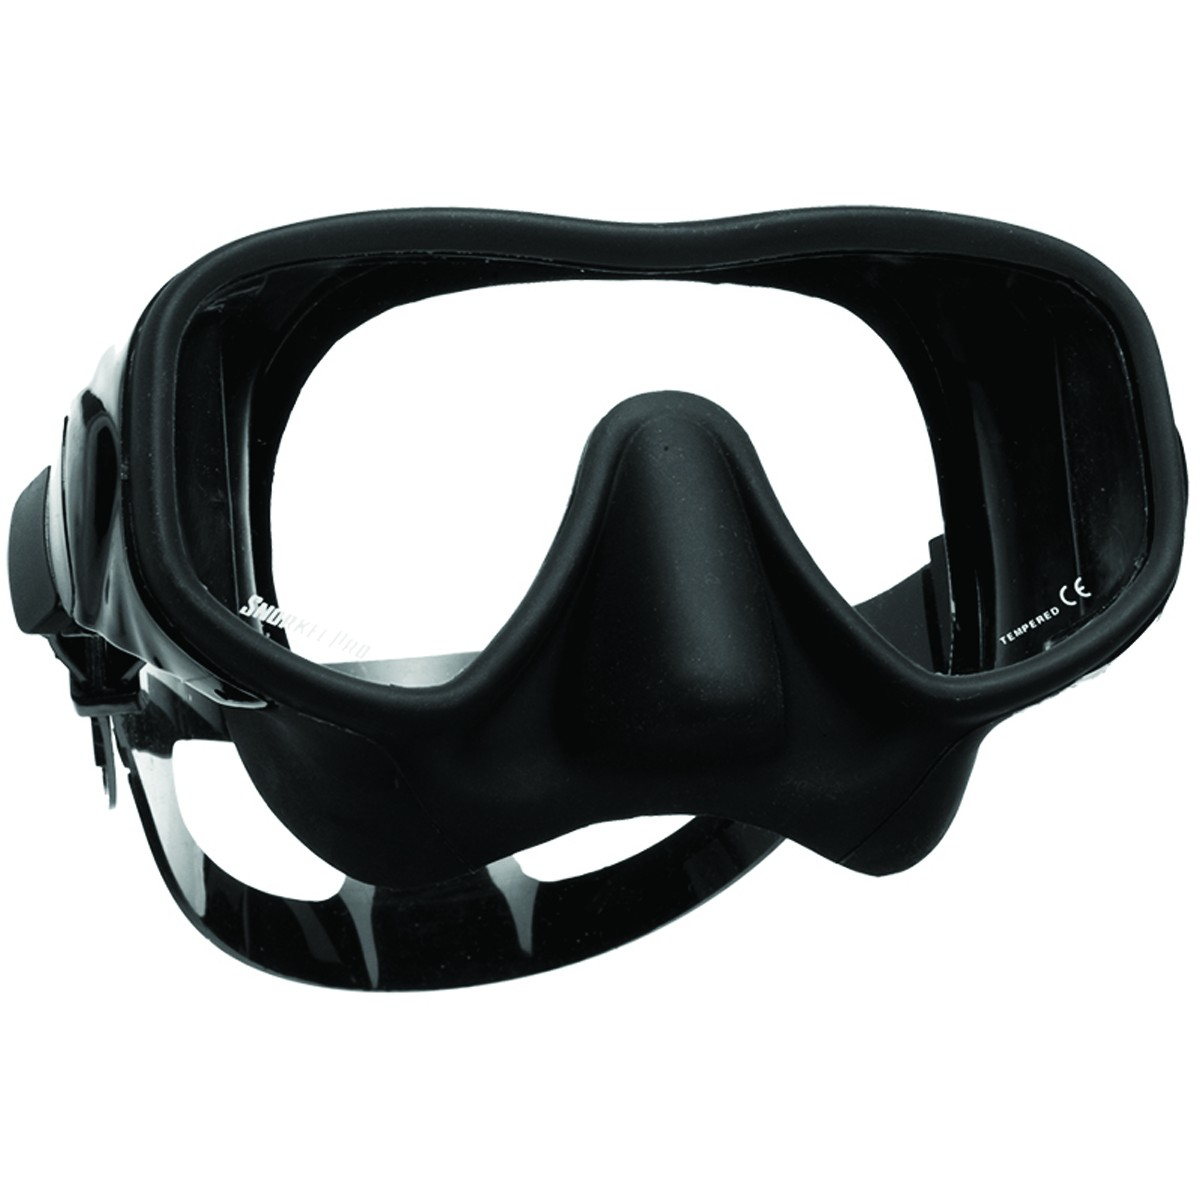 Scubapro Trinidad Dive Mask